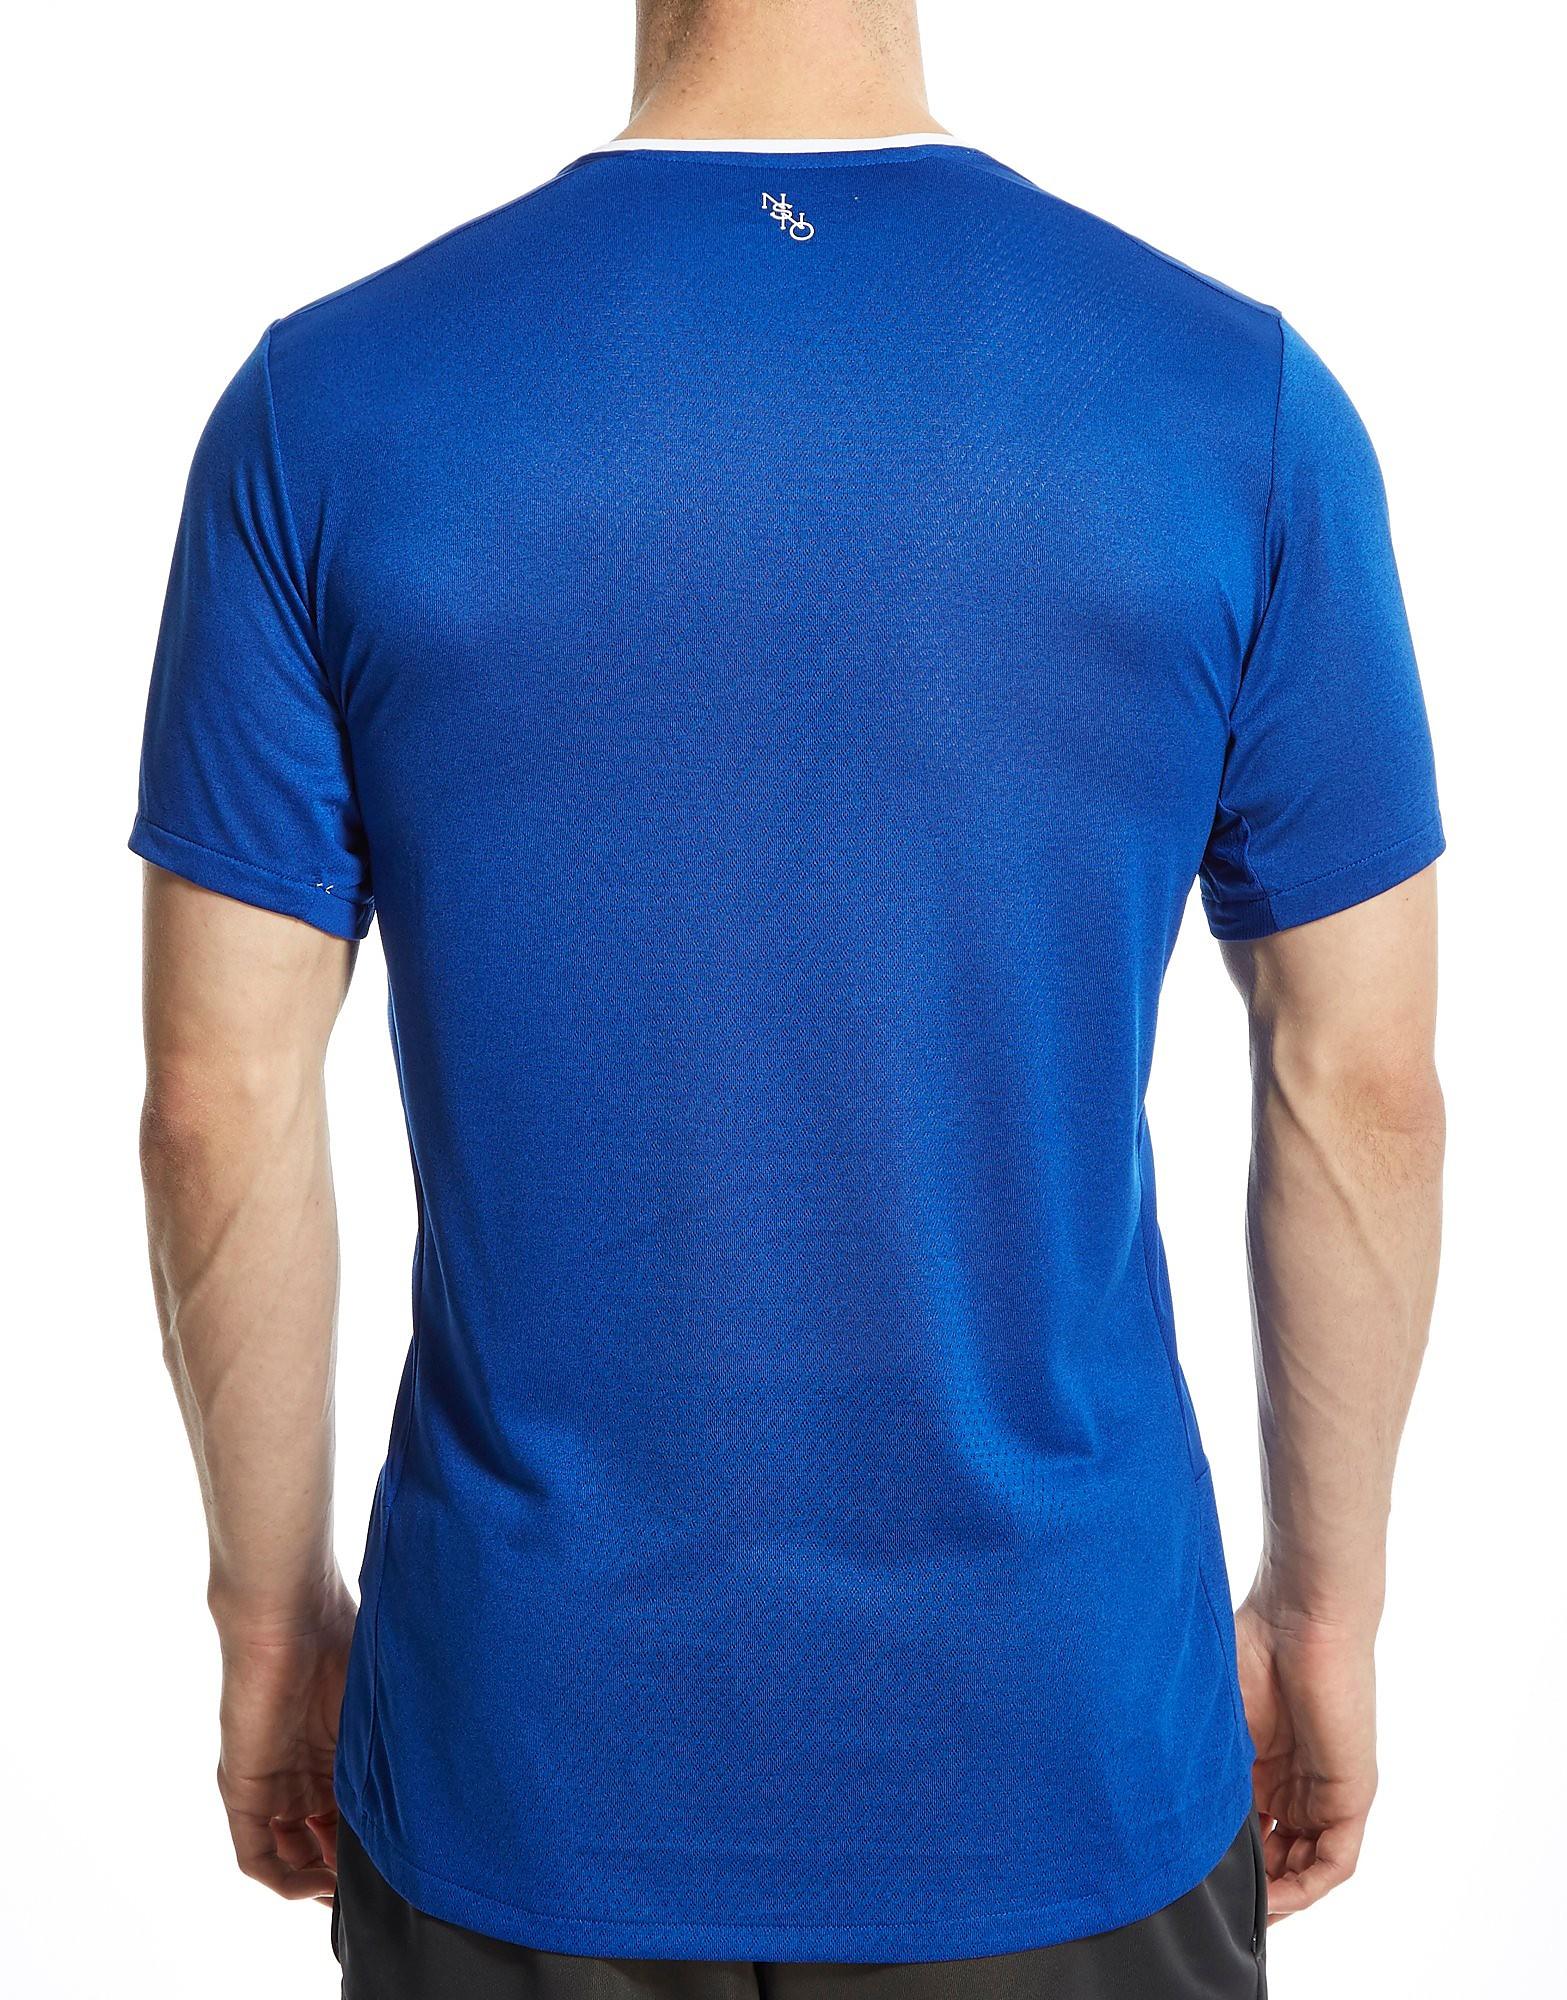 Umbro Everton 2015/16 Home Shirt